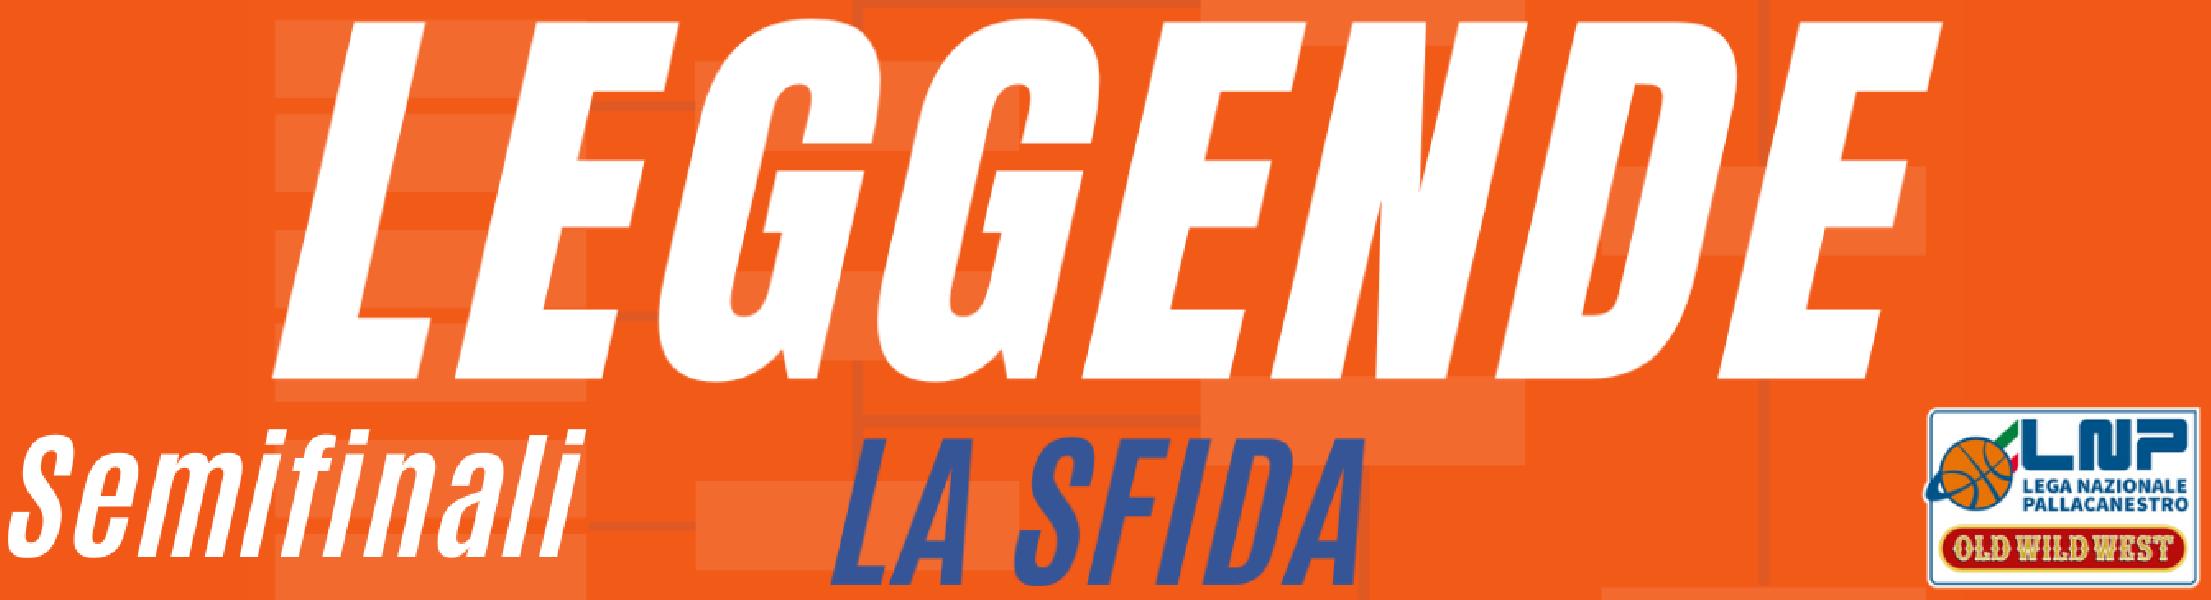 https://www.basketmarche.it/immagini_articoli/20-04-2020/contest-leggende-arrivato-semifinali-stasera-votazioni-decideranno-finalisti-600.png